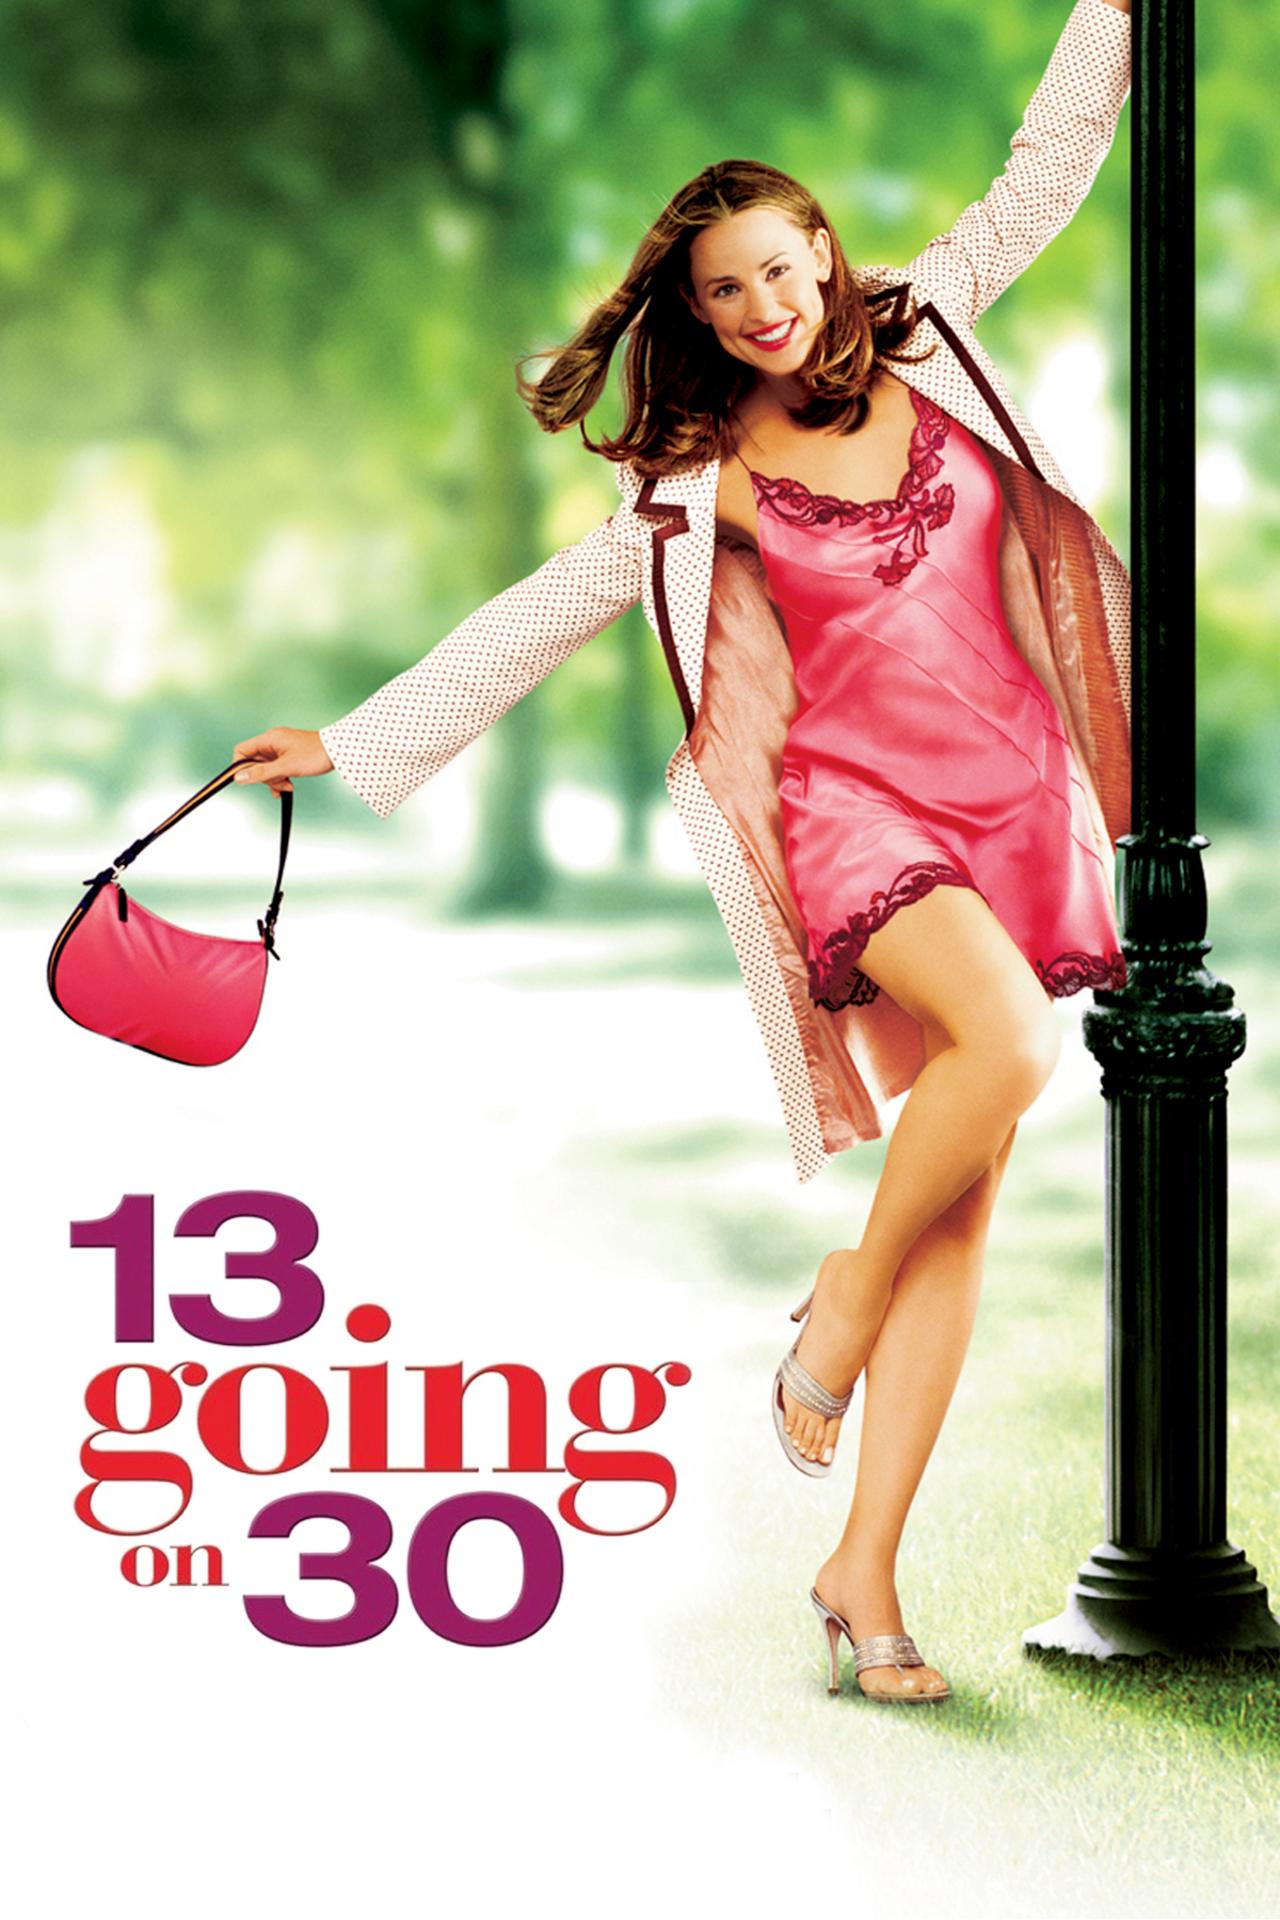 13 Going on 30 kapak